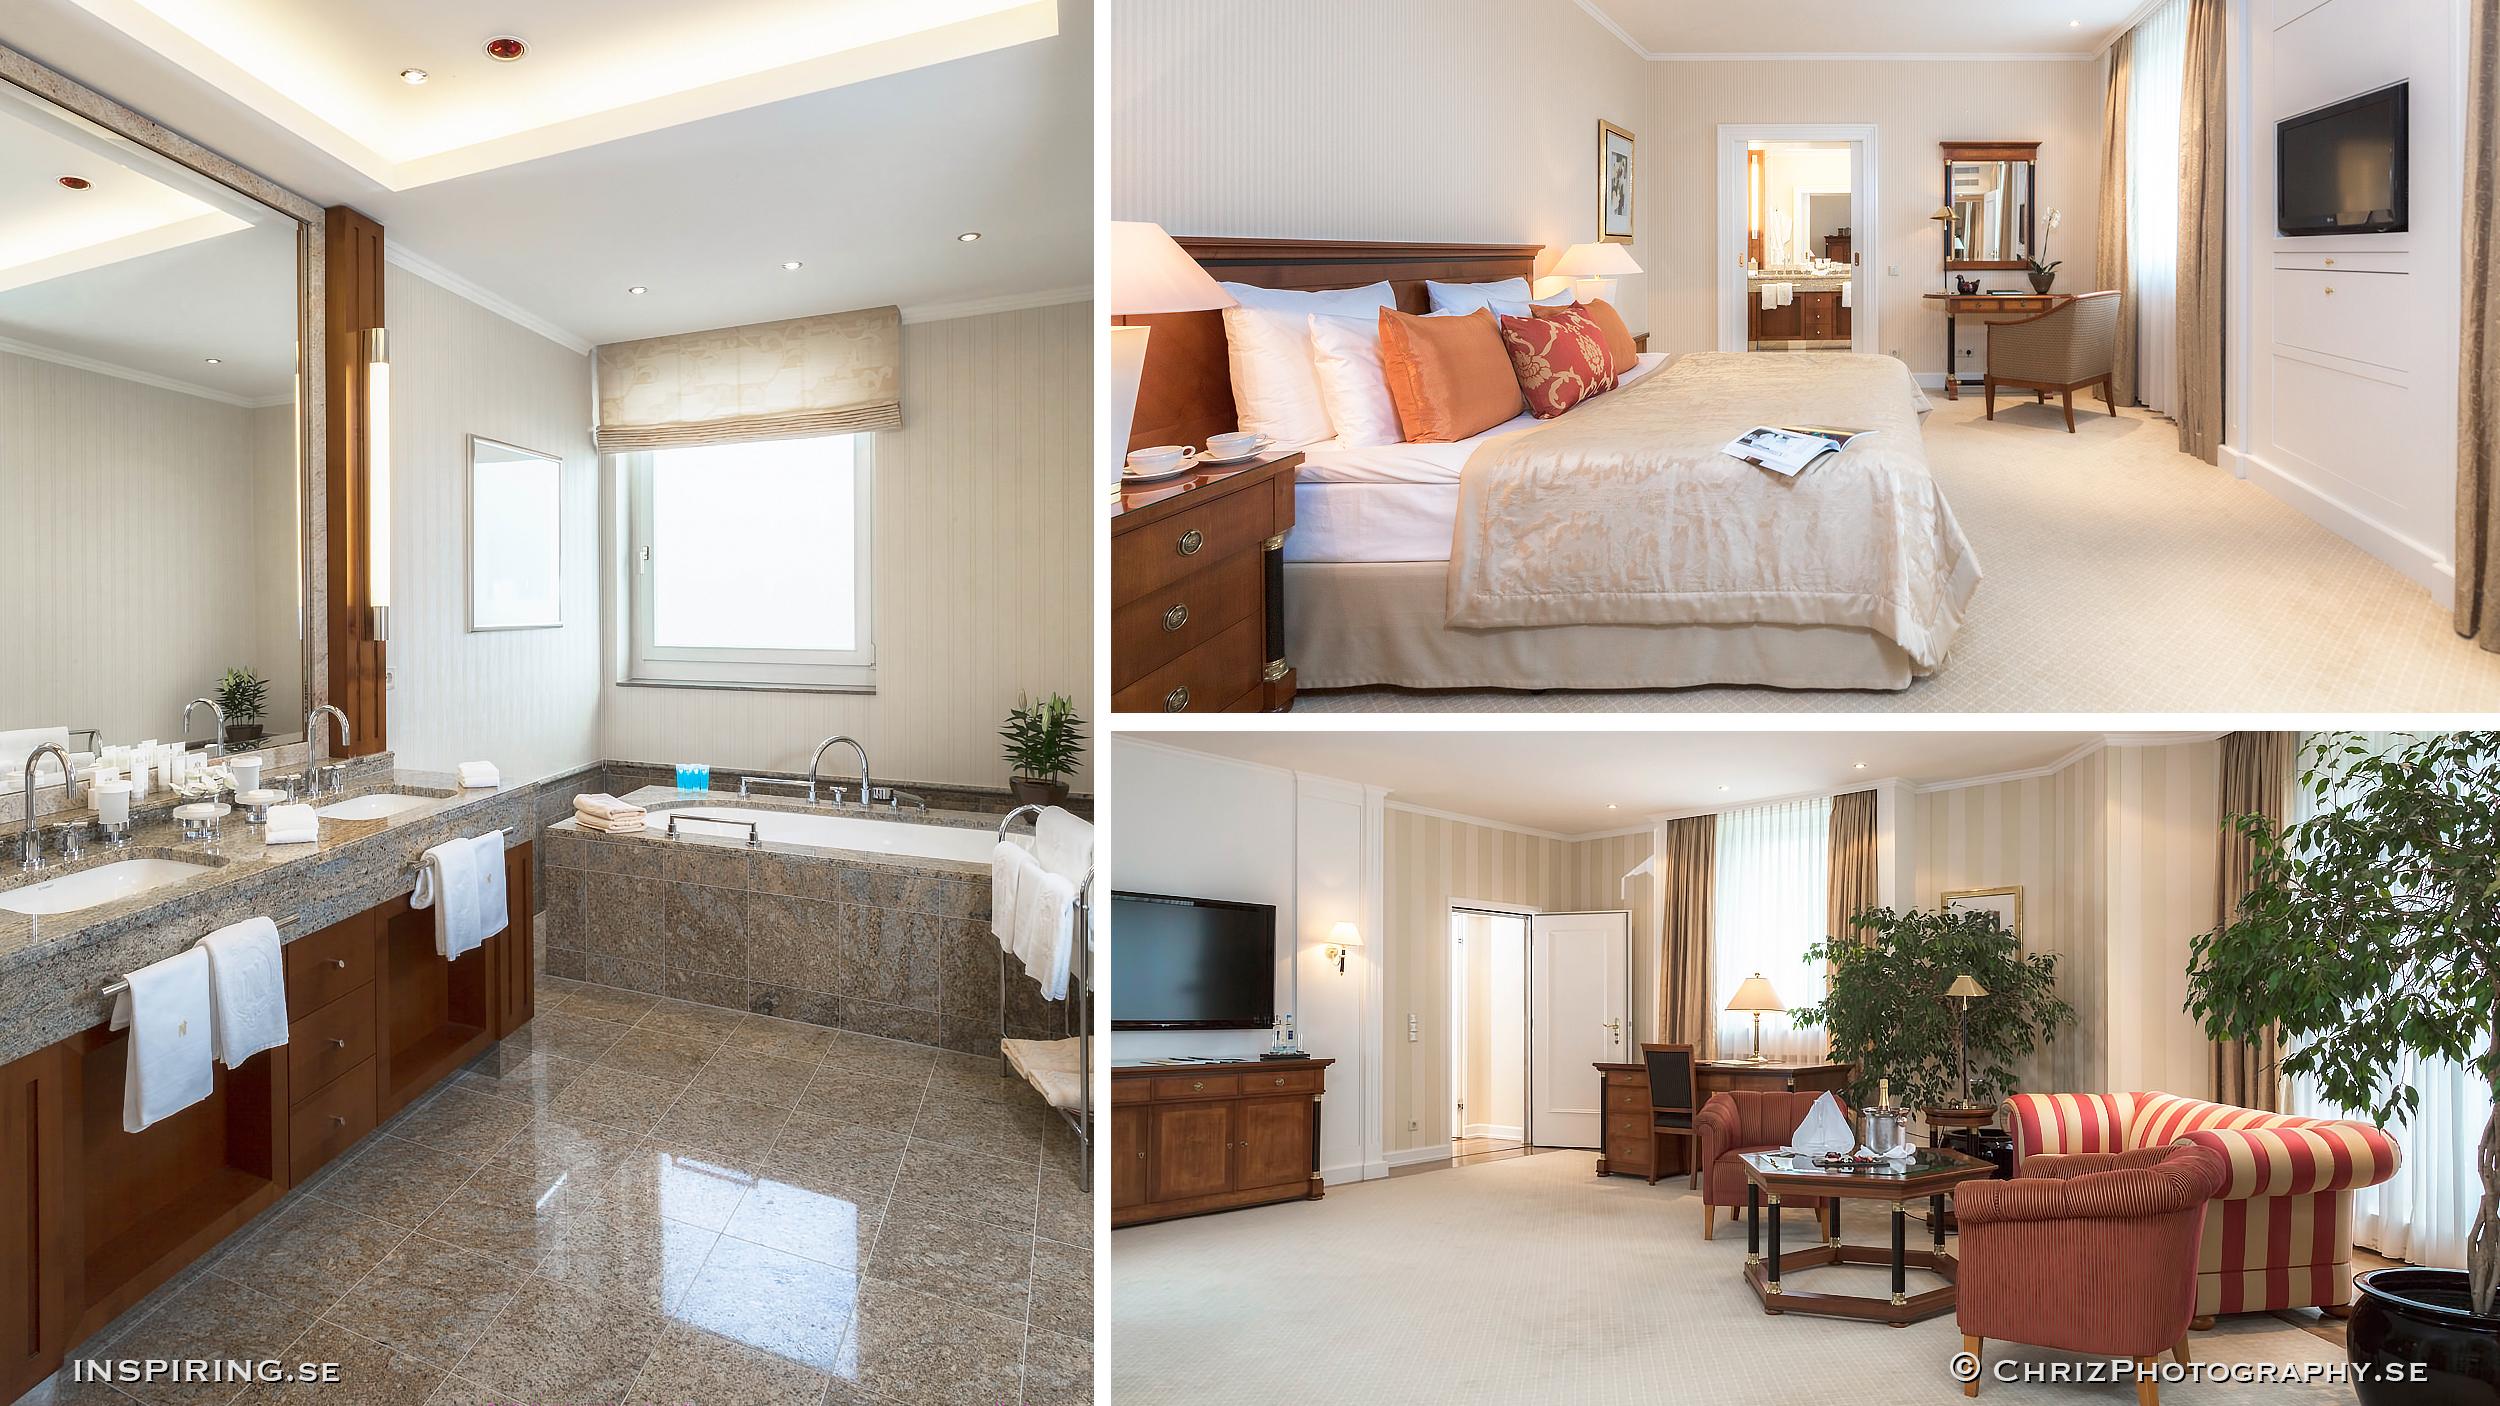 Hotel_Nassauer_Hof_Inspiring.se_copyright_ChrizPhotography.se_3.jpg